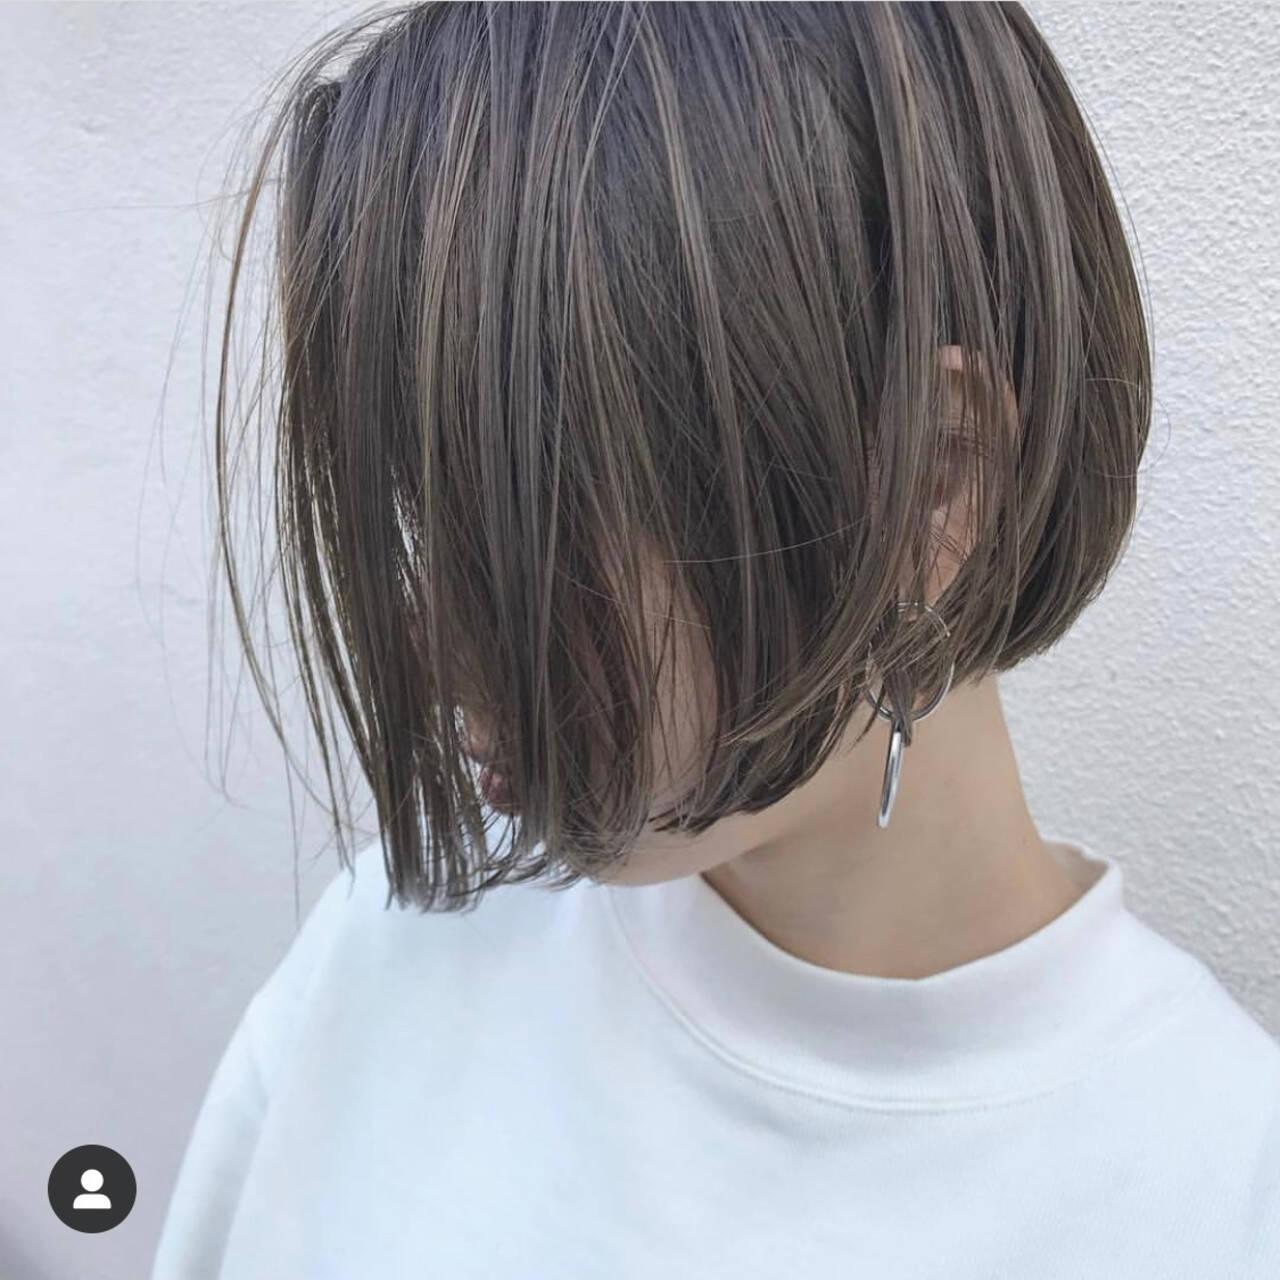 ミニボブ ベリーショート ナチュラル ショートボブヘアスタイルや髪型の写真・画像